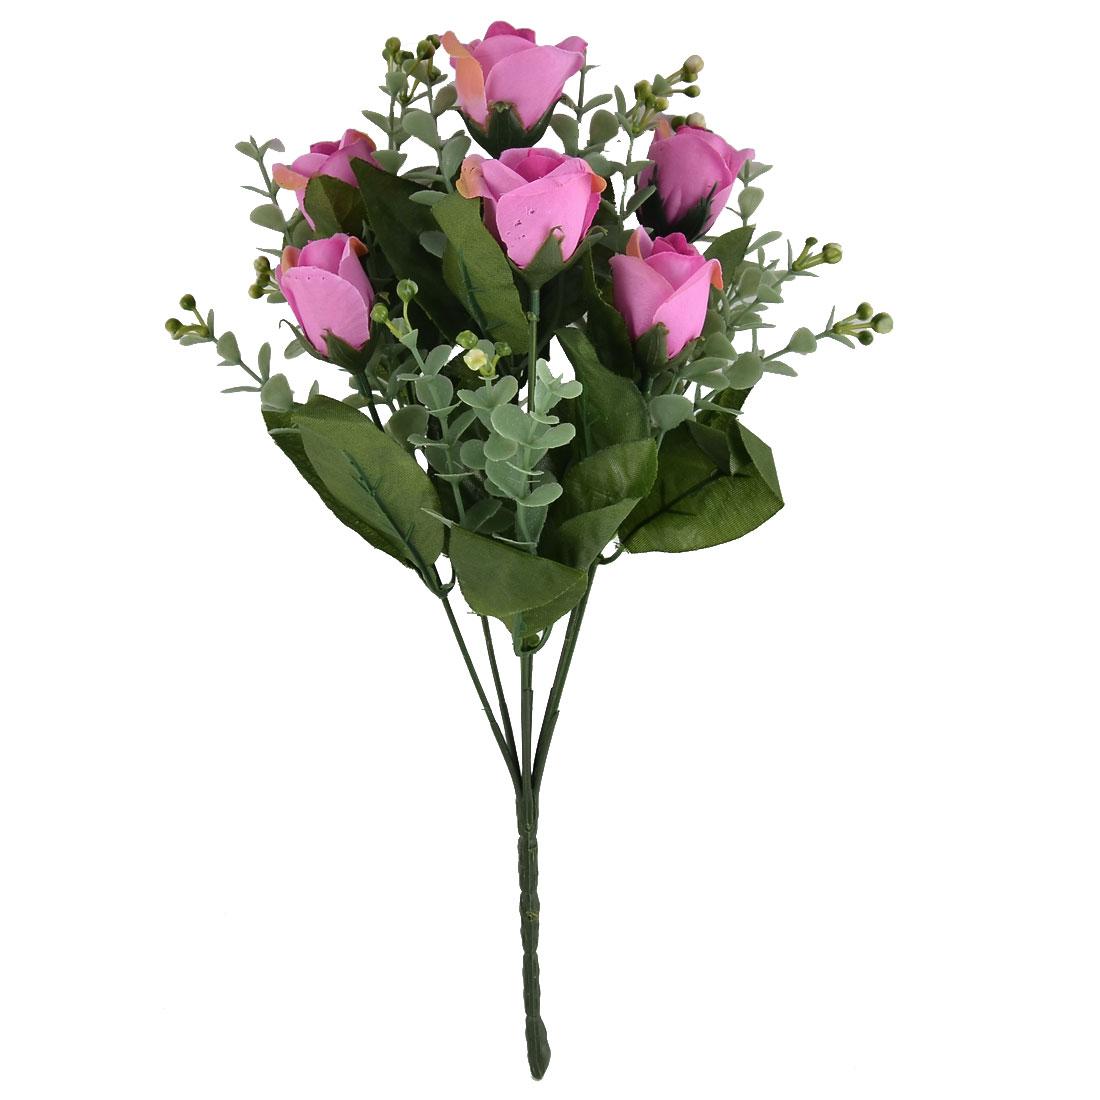 Wedding Living Room Decor 7 Heads Flower Blossom Artificial Rose Bouquet Fuchsia